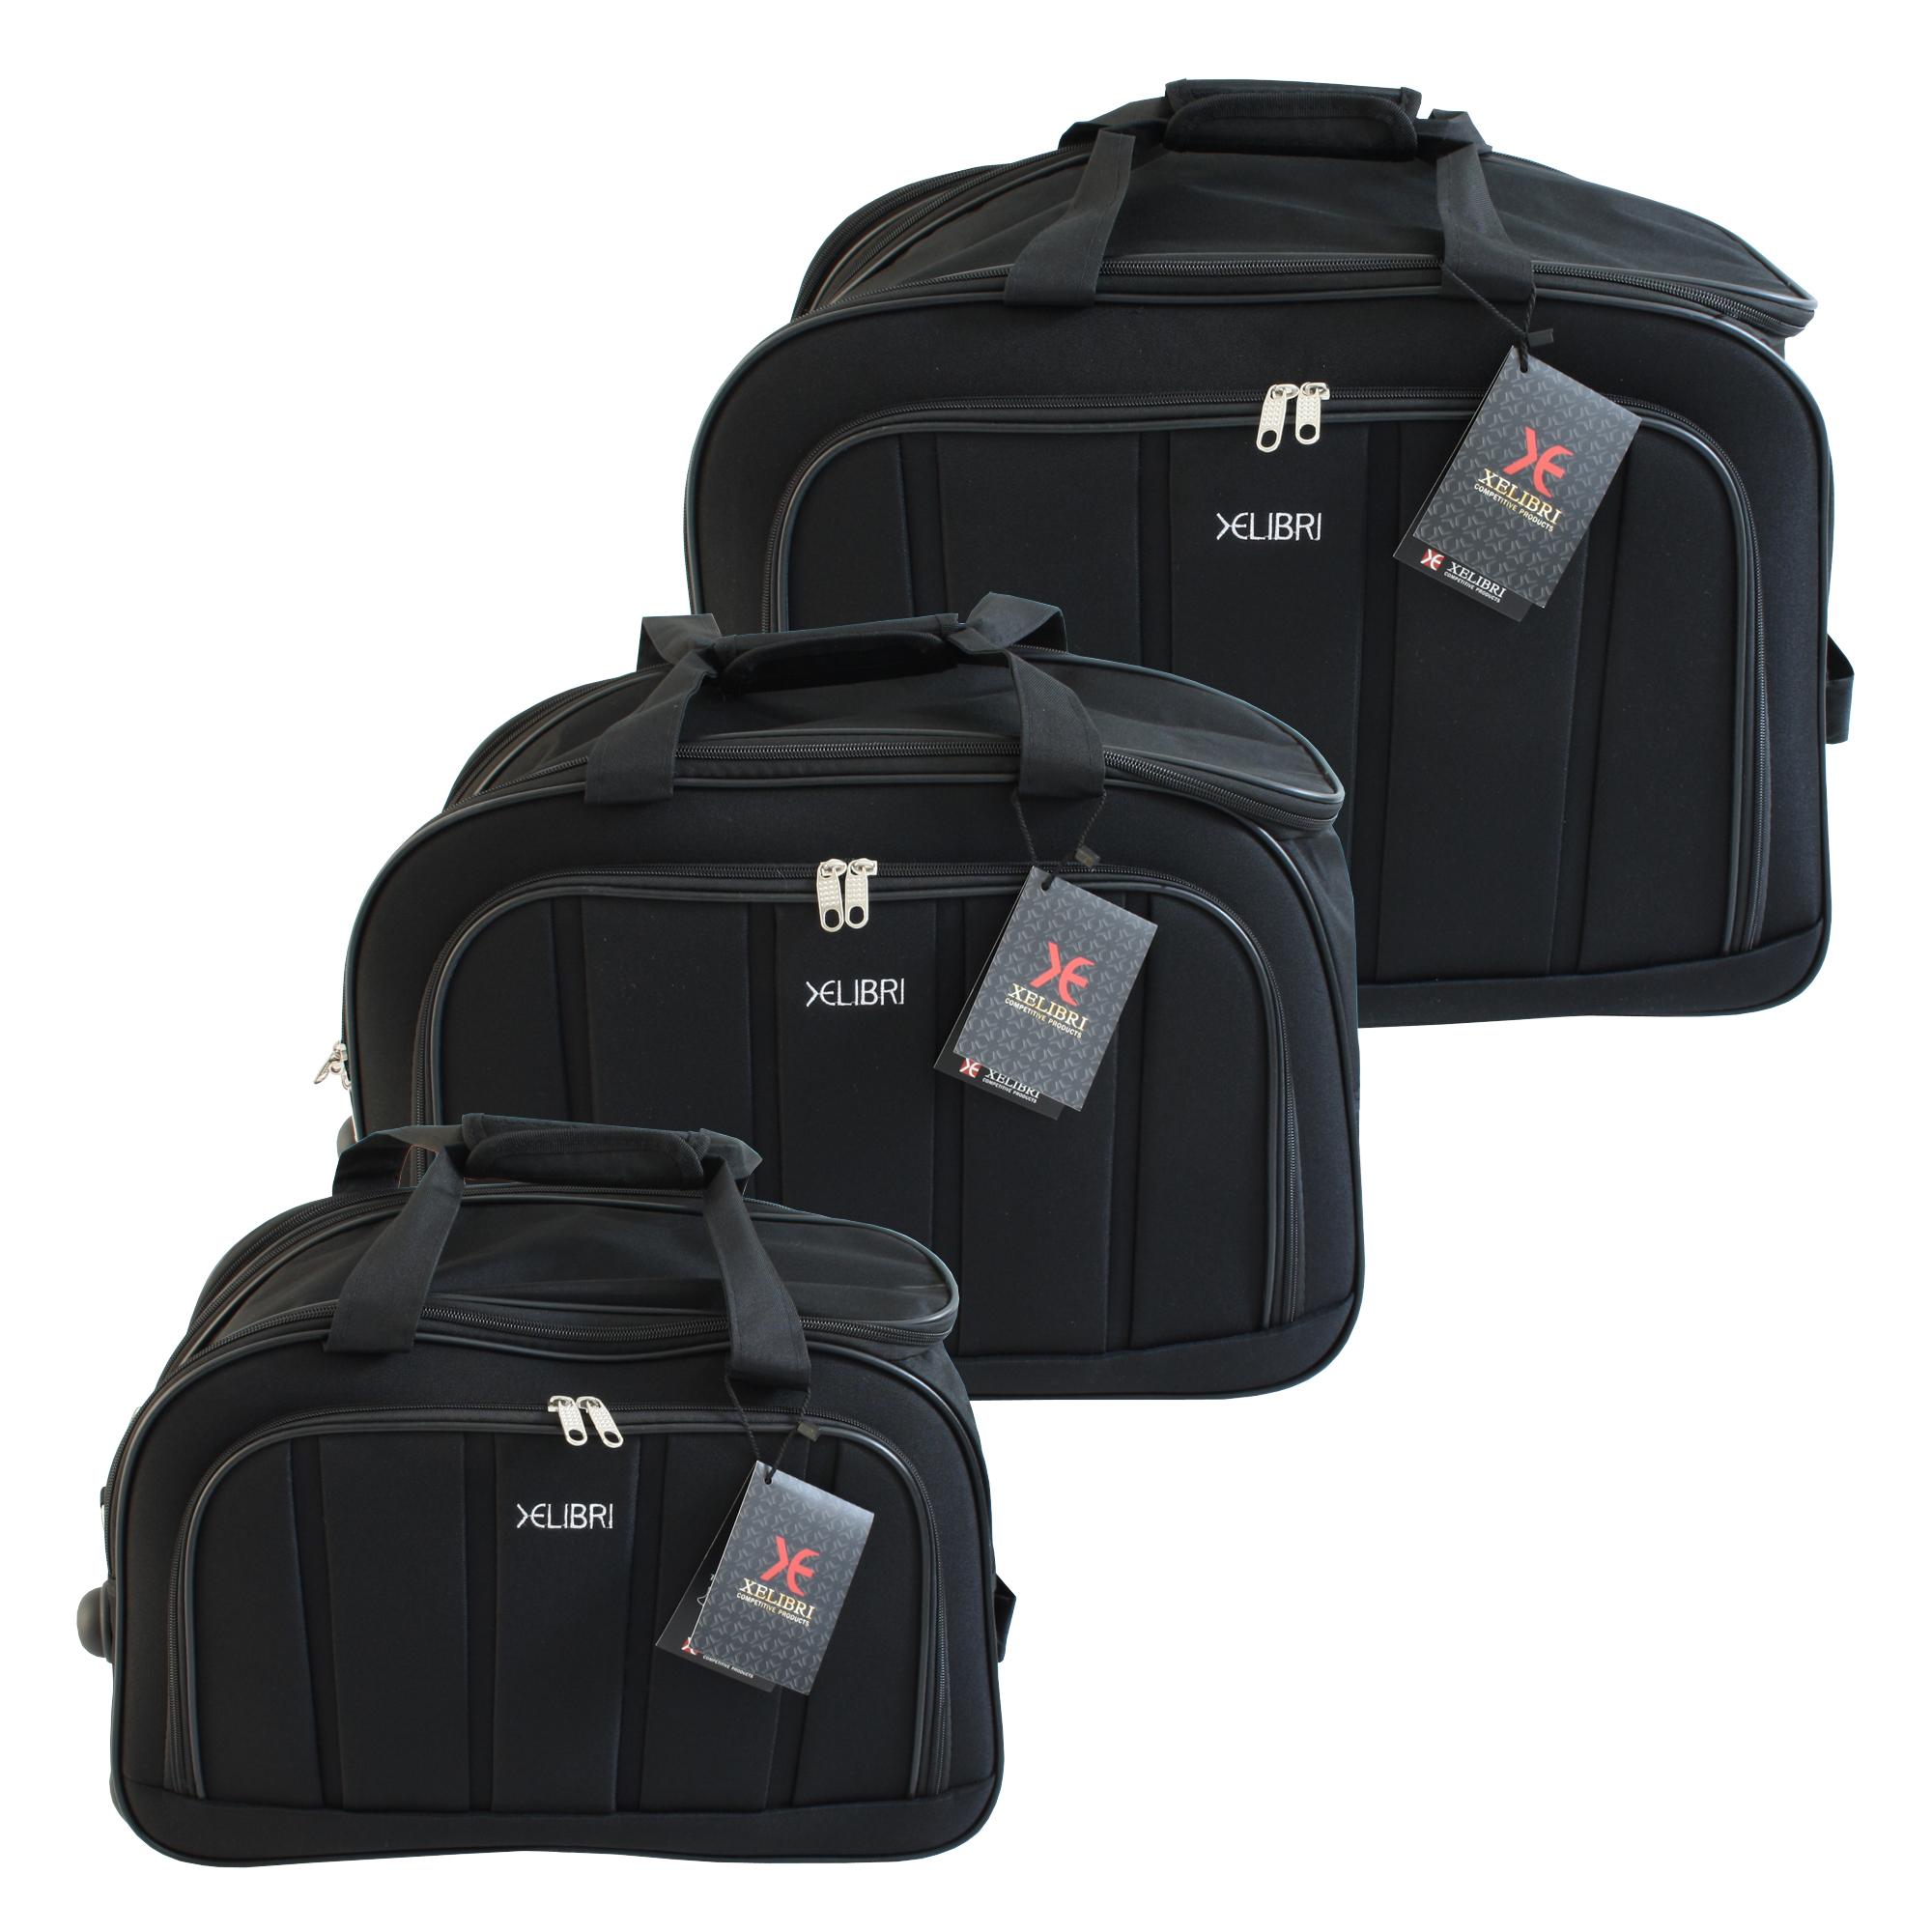 3 tlg. XELIBRI Reisentasche Sporttasche mit Rollen | Schwarz